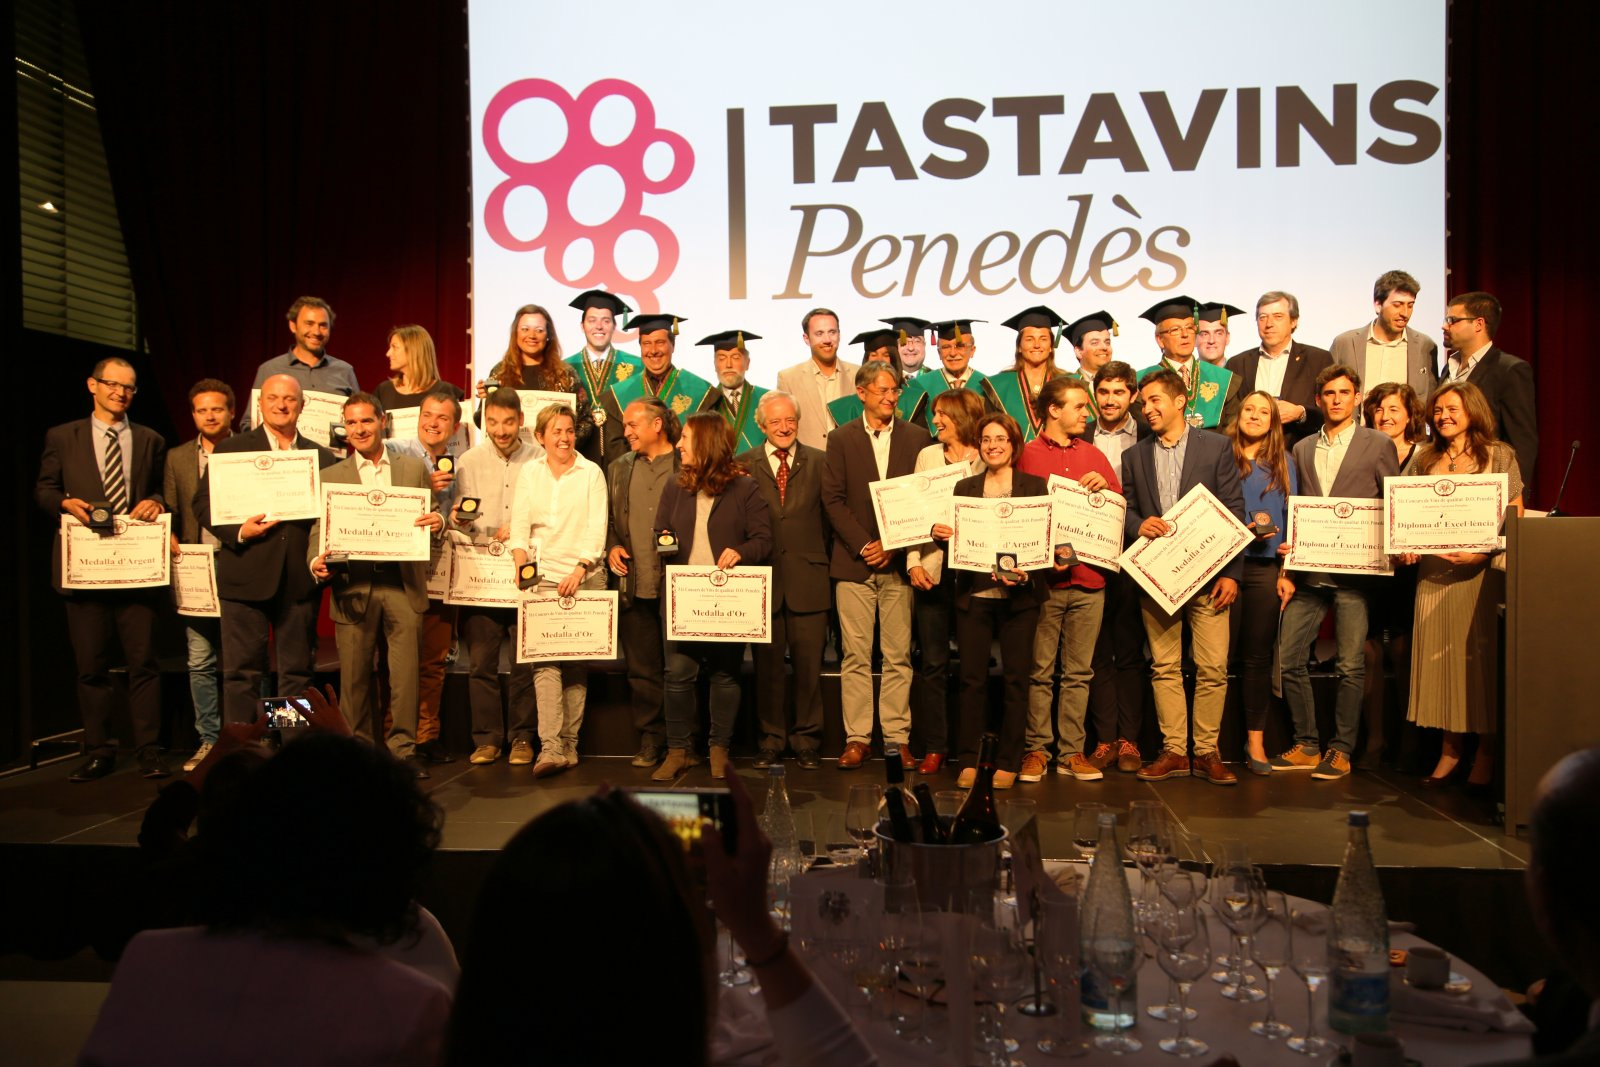 Guanyadors de l'edició 2017 del concurs Tastavins Penedès